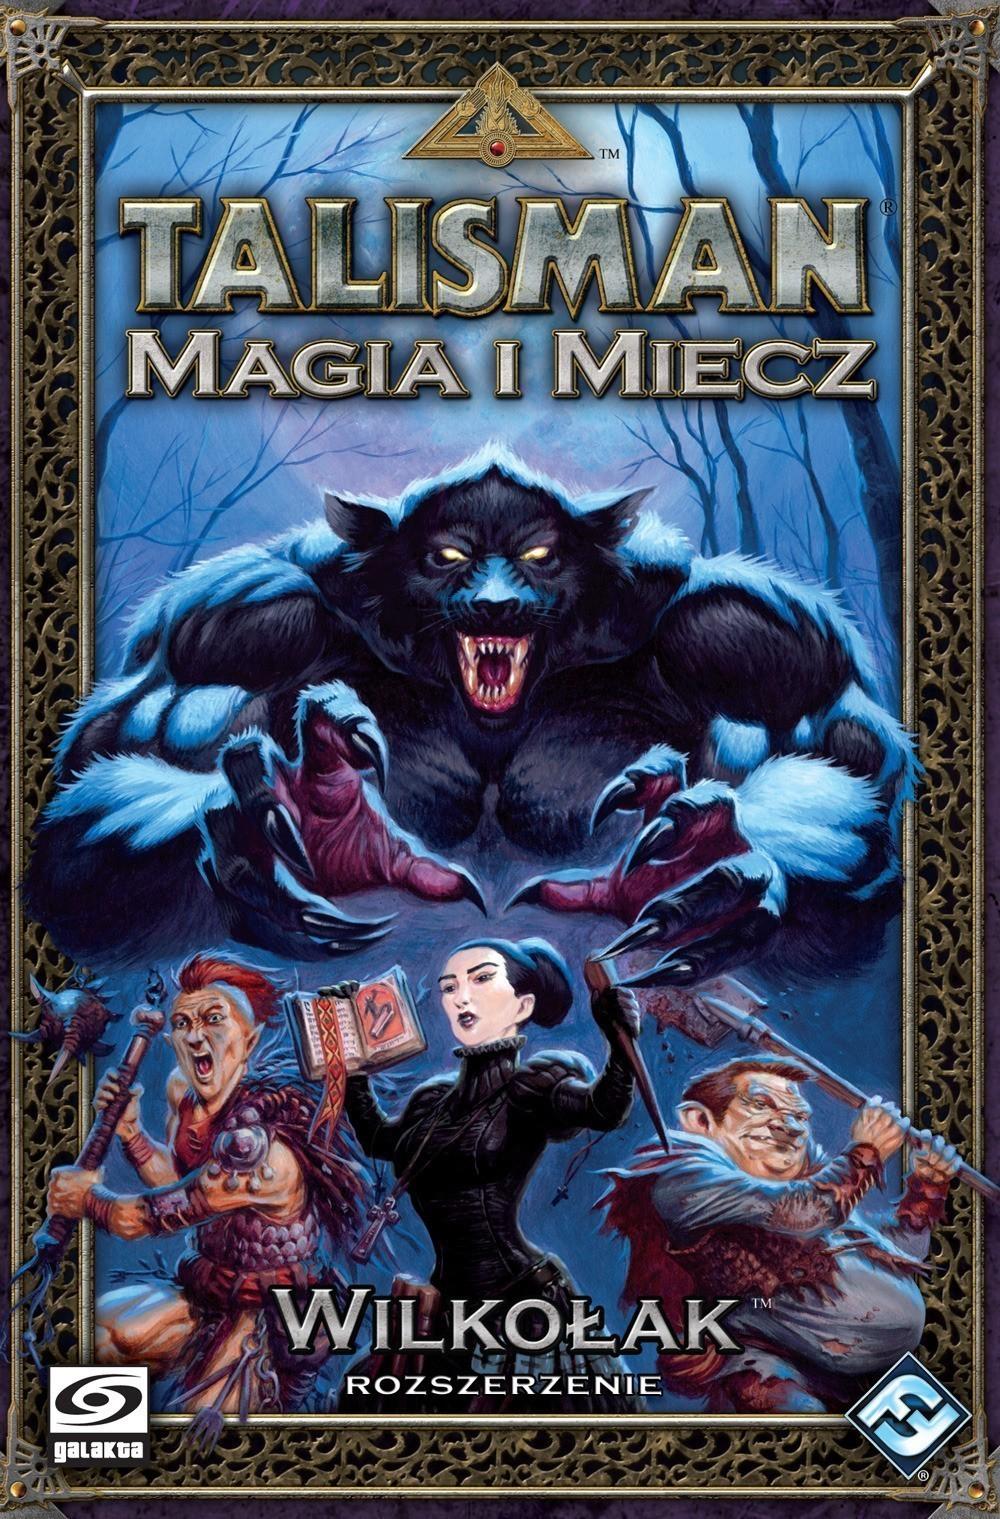 Talisman Magia i Miecz Wilkołak